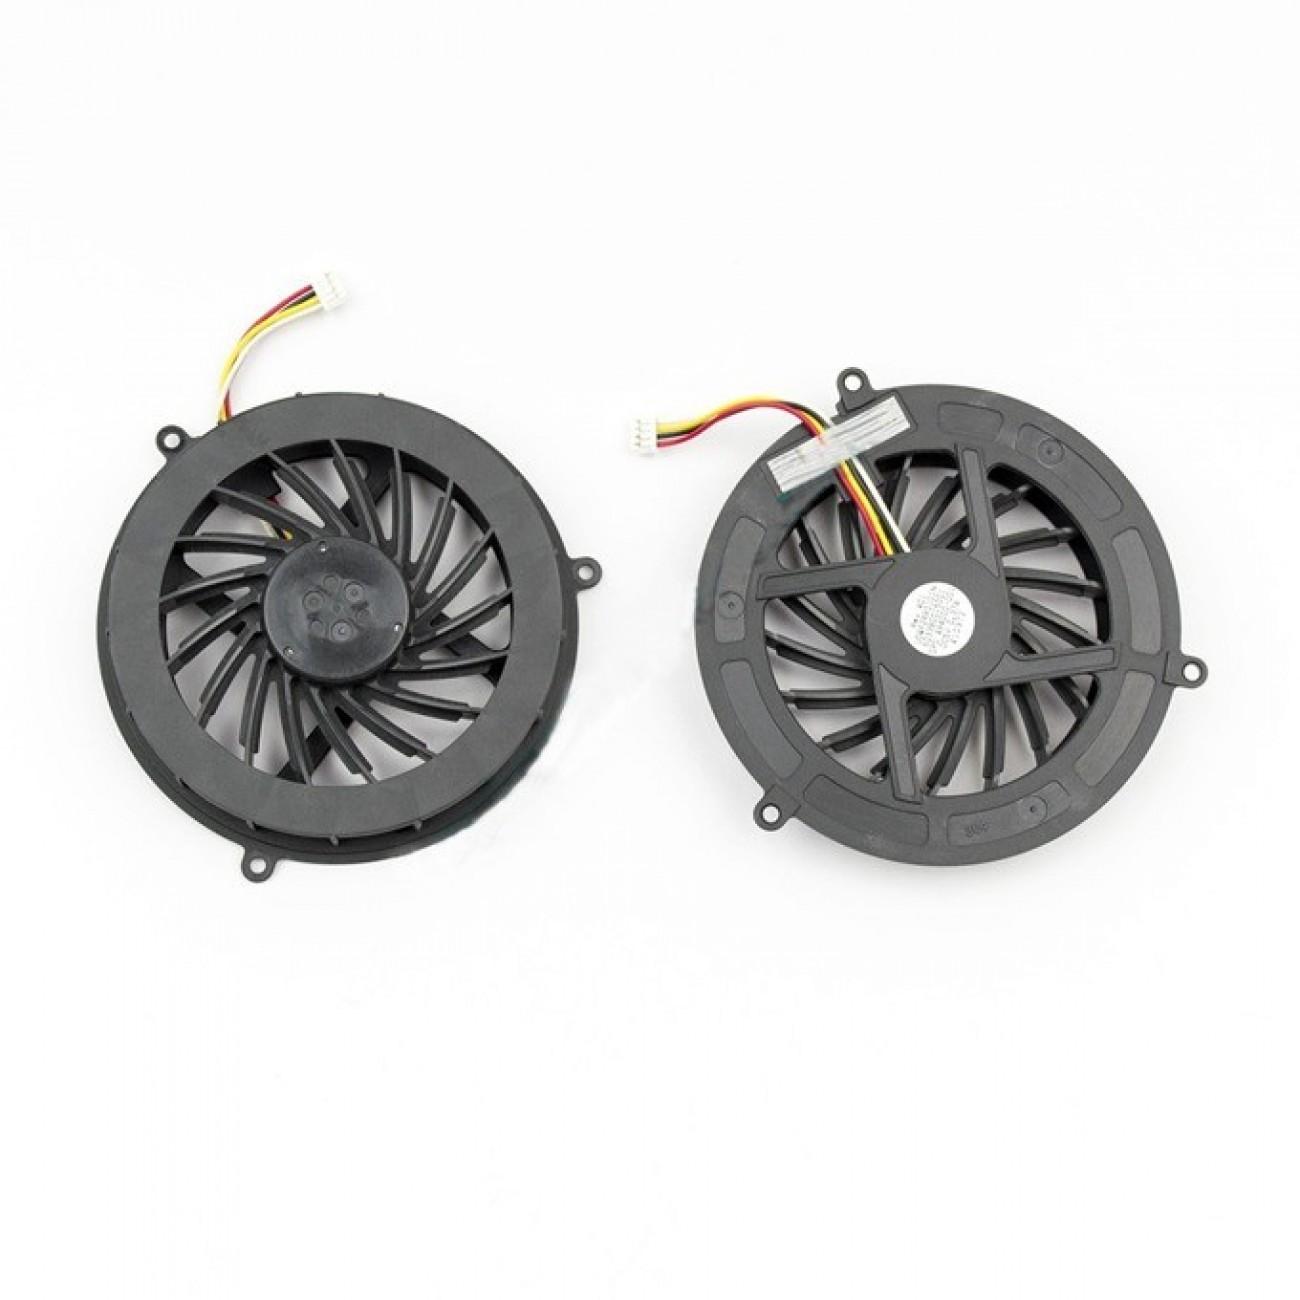 Вентилатор за лаптоп HP съвместим с EliteBook 8730W в Резервни части -  | Alleop